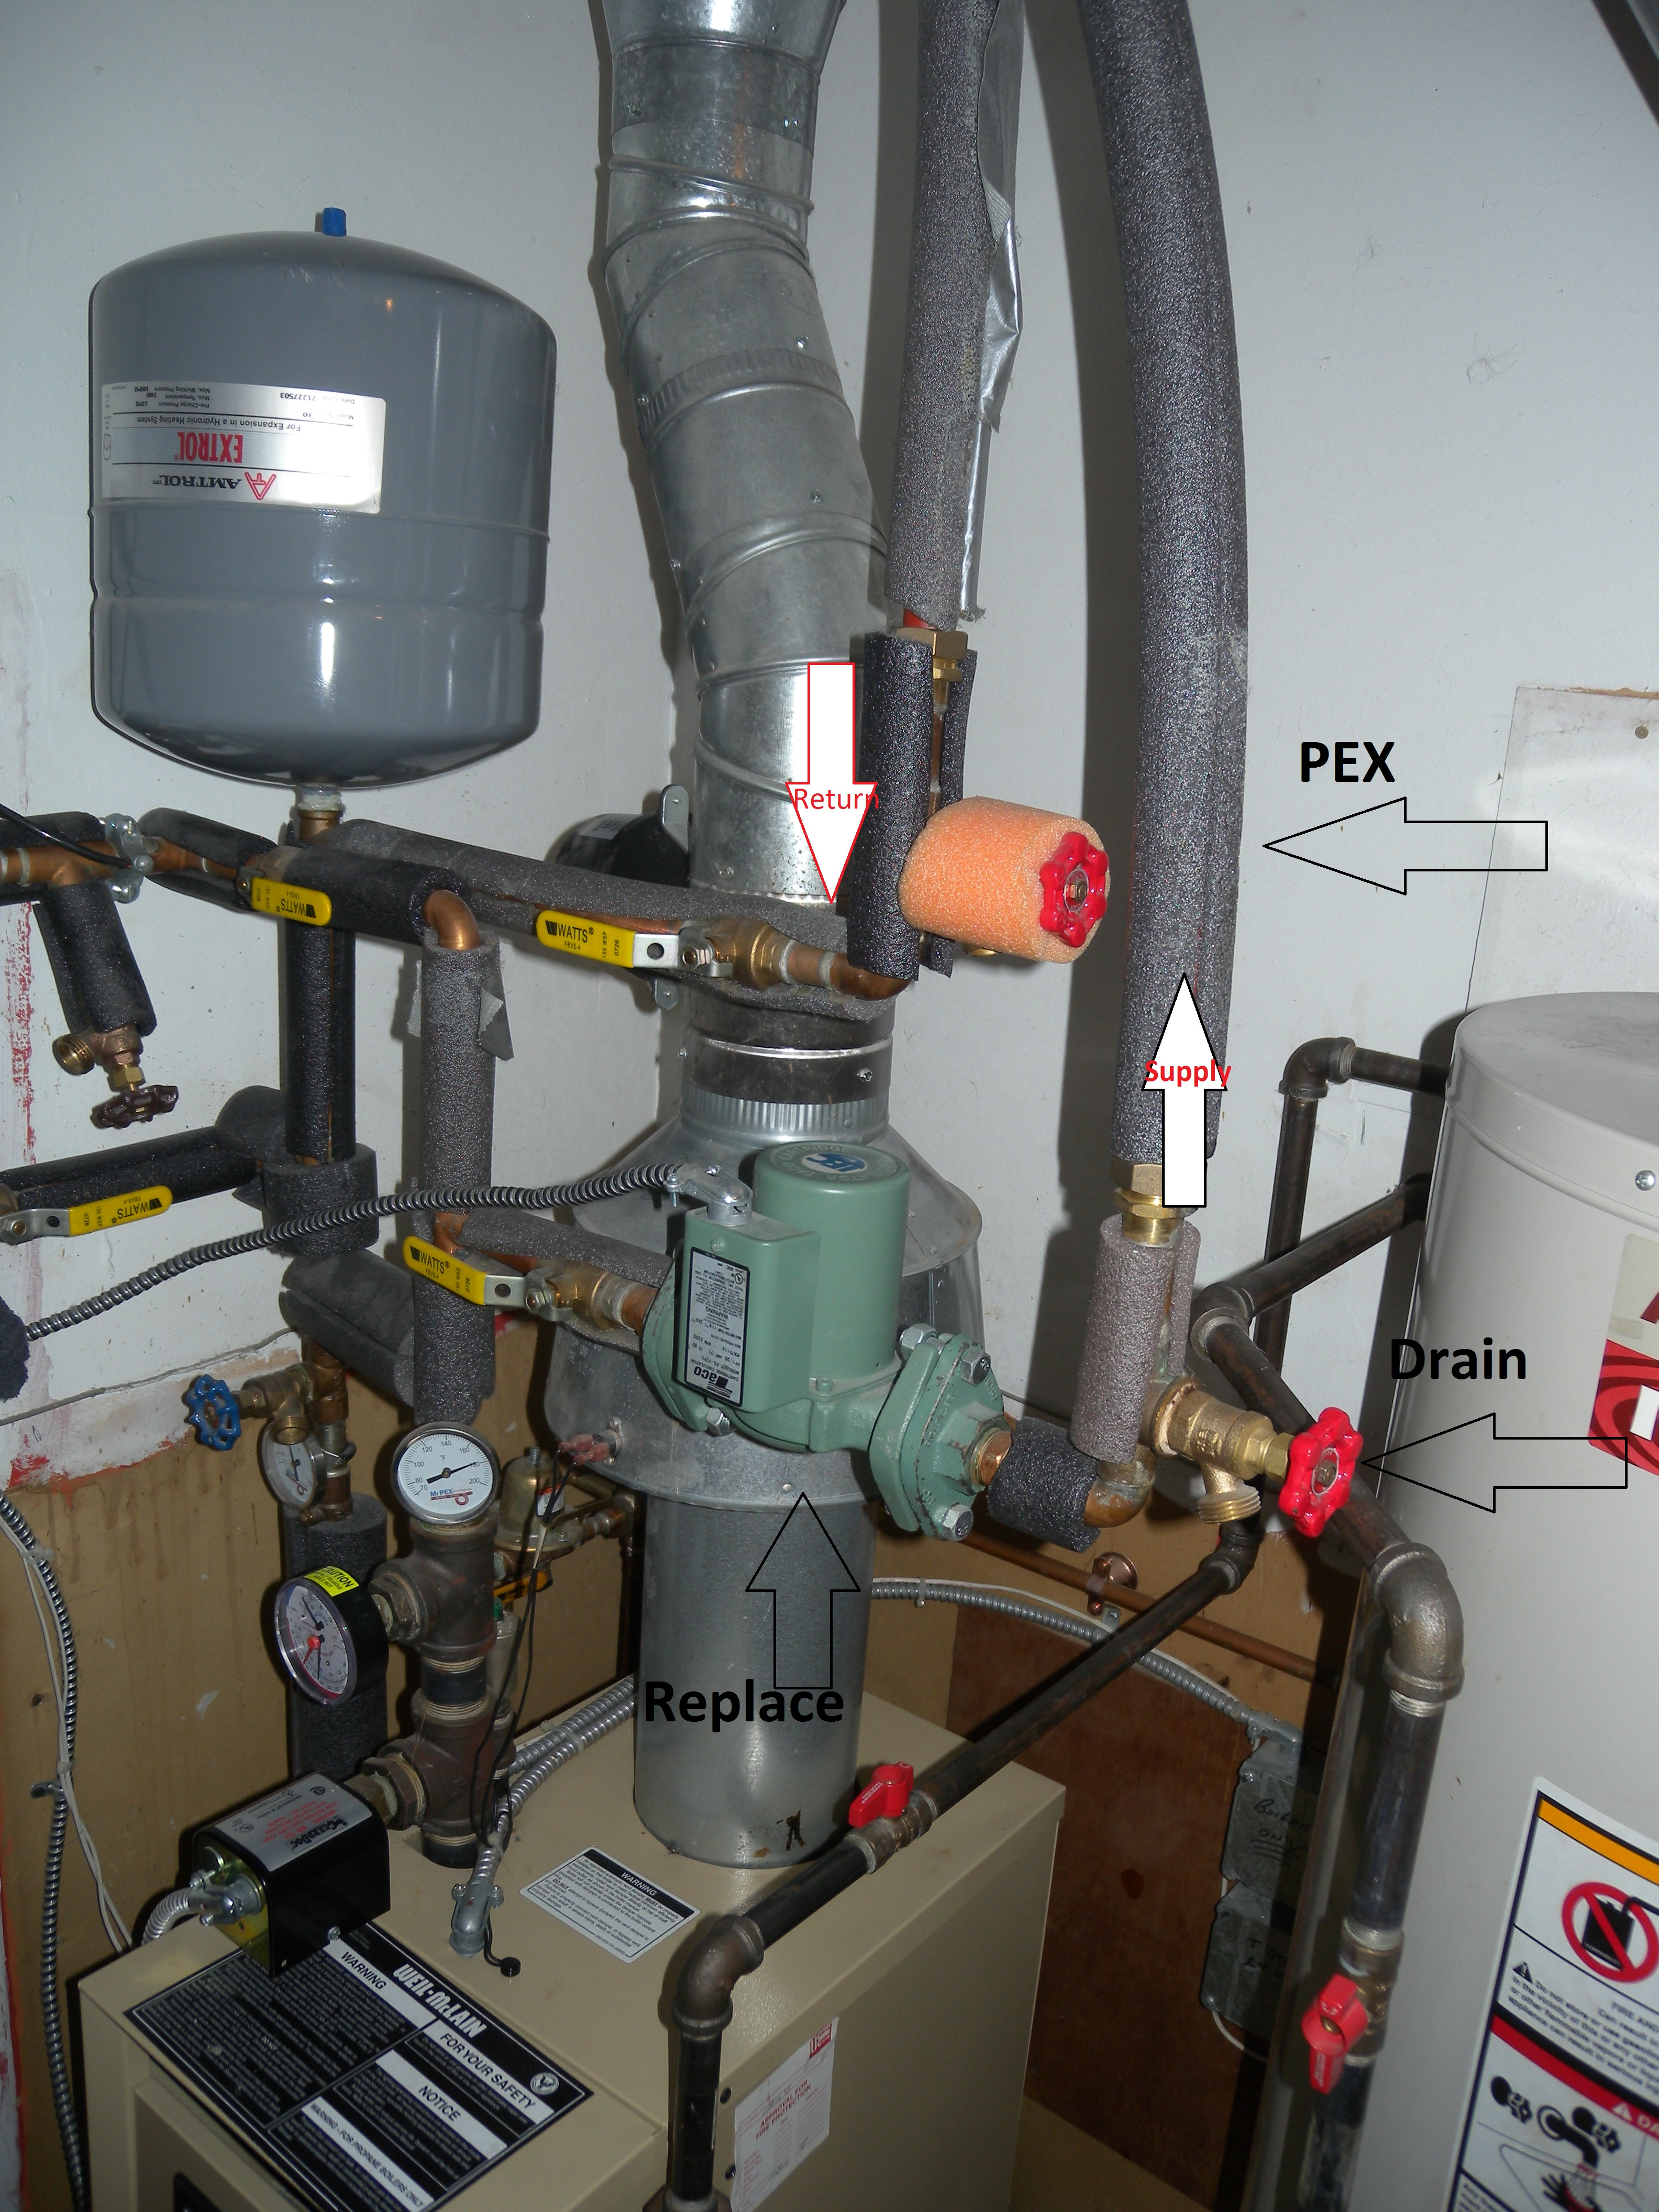 Taco 007 Pump Wiring Diagrams Machine Diagram Software F5 Circuit Maker Circulator